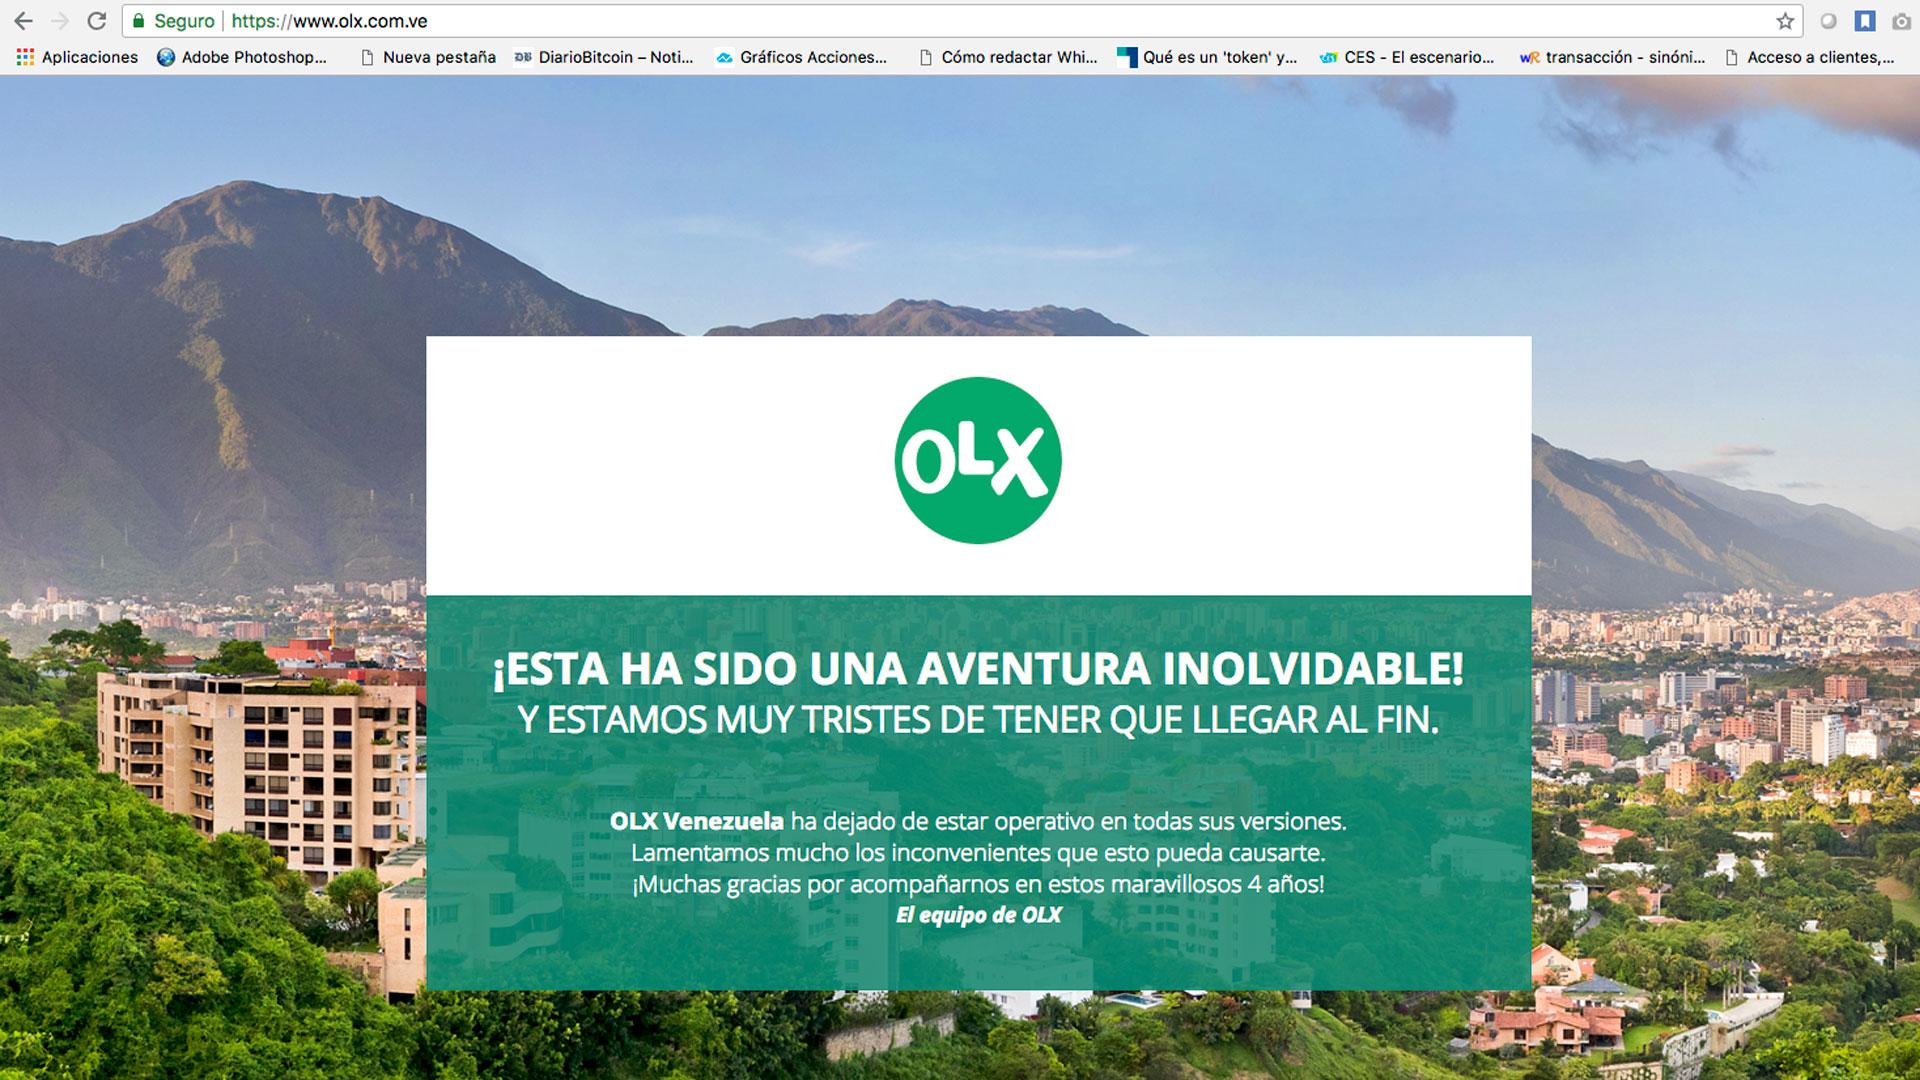 OLX Venezuela anuncia su cierre de sus operaciones en el país